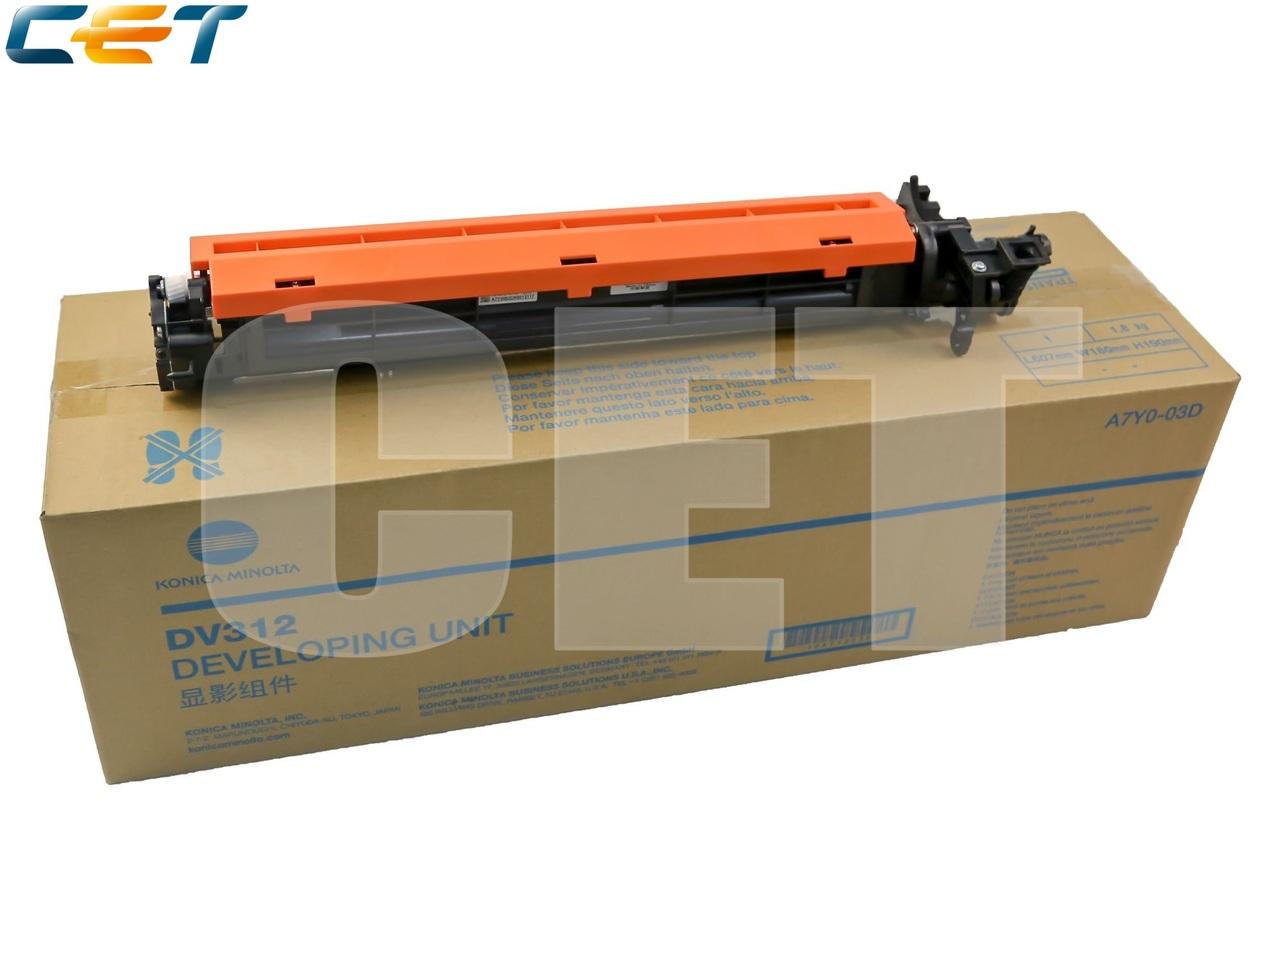 Блок проявки DV-312 для KONICA MINOLTA Bizhub227/287/367 (CET), 590000 стр., CET471006